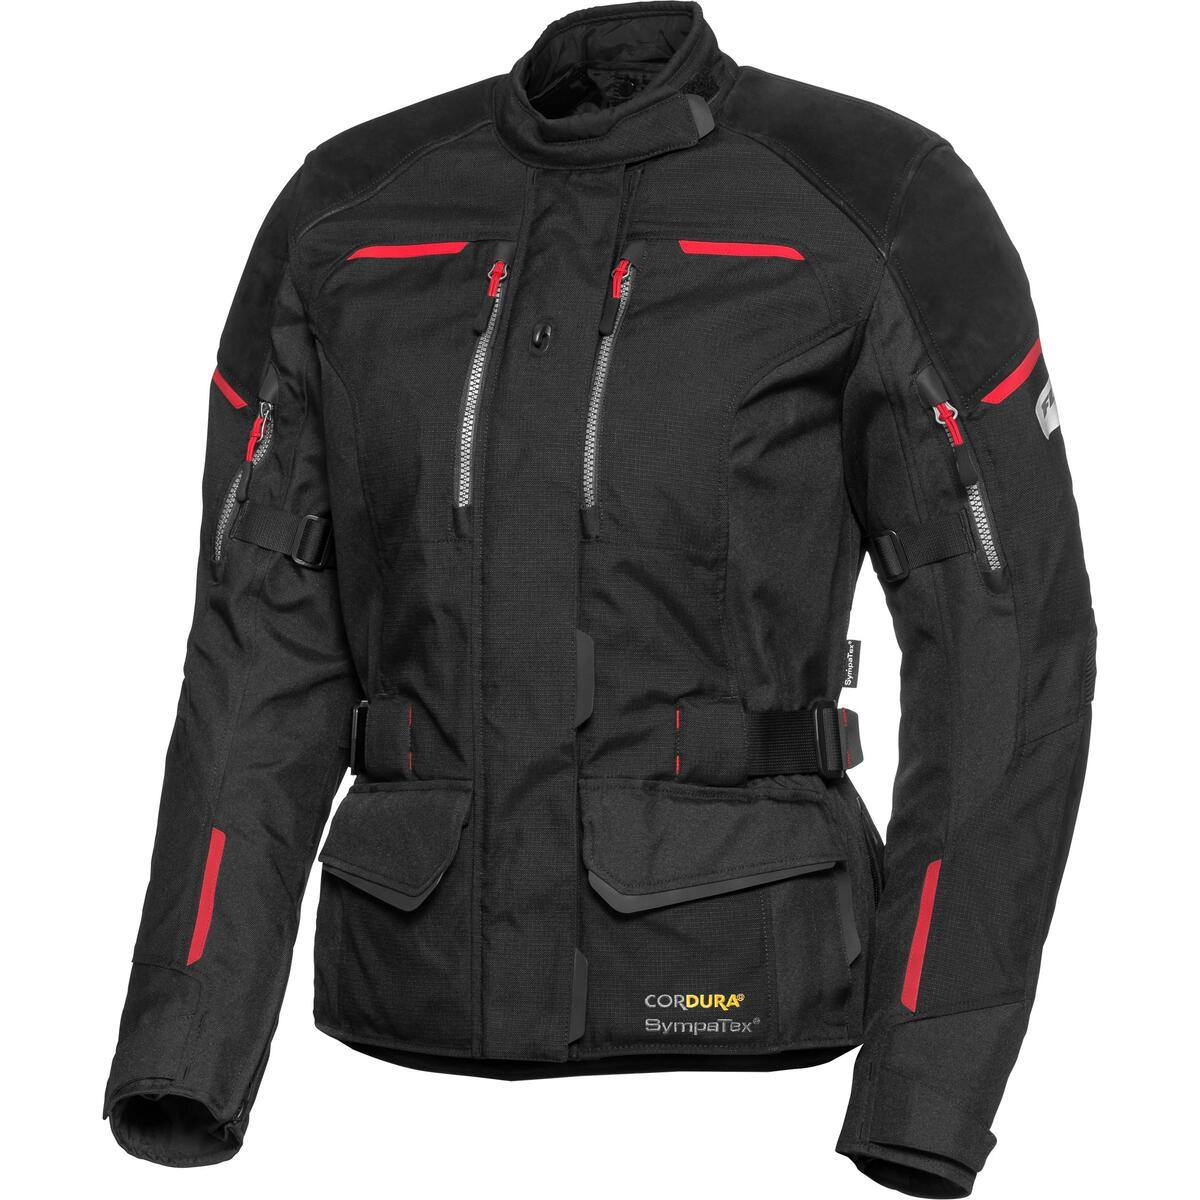 Bild 2 von FLM Touren Damen Leder-/Textiljacke 4.0 schwarz Größe XS